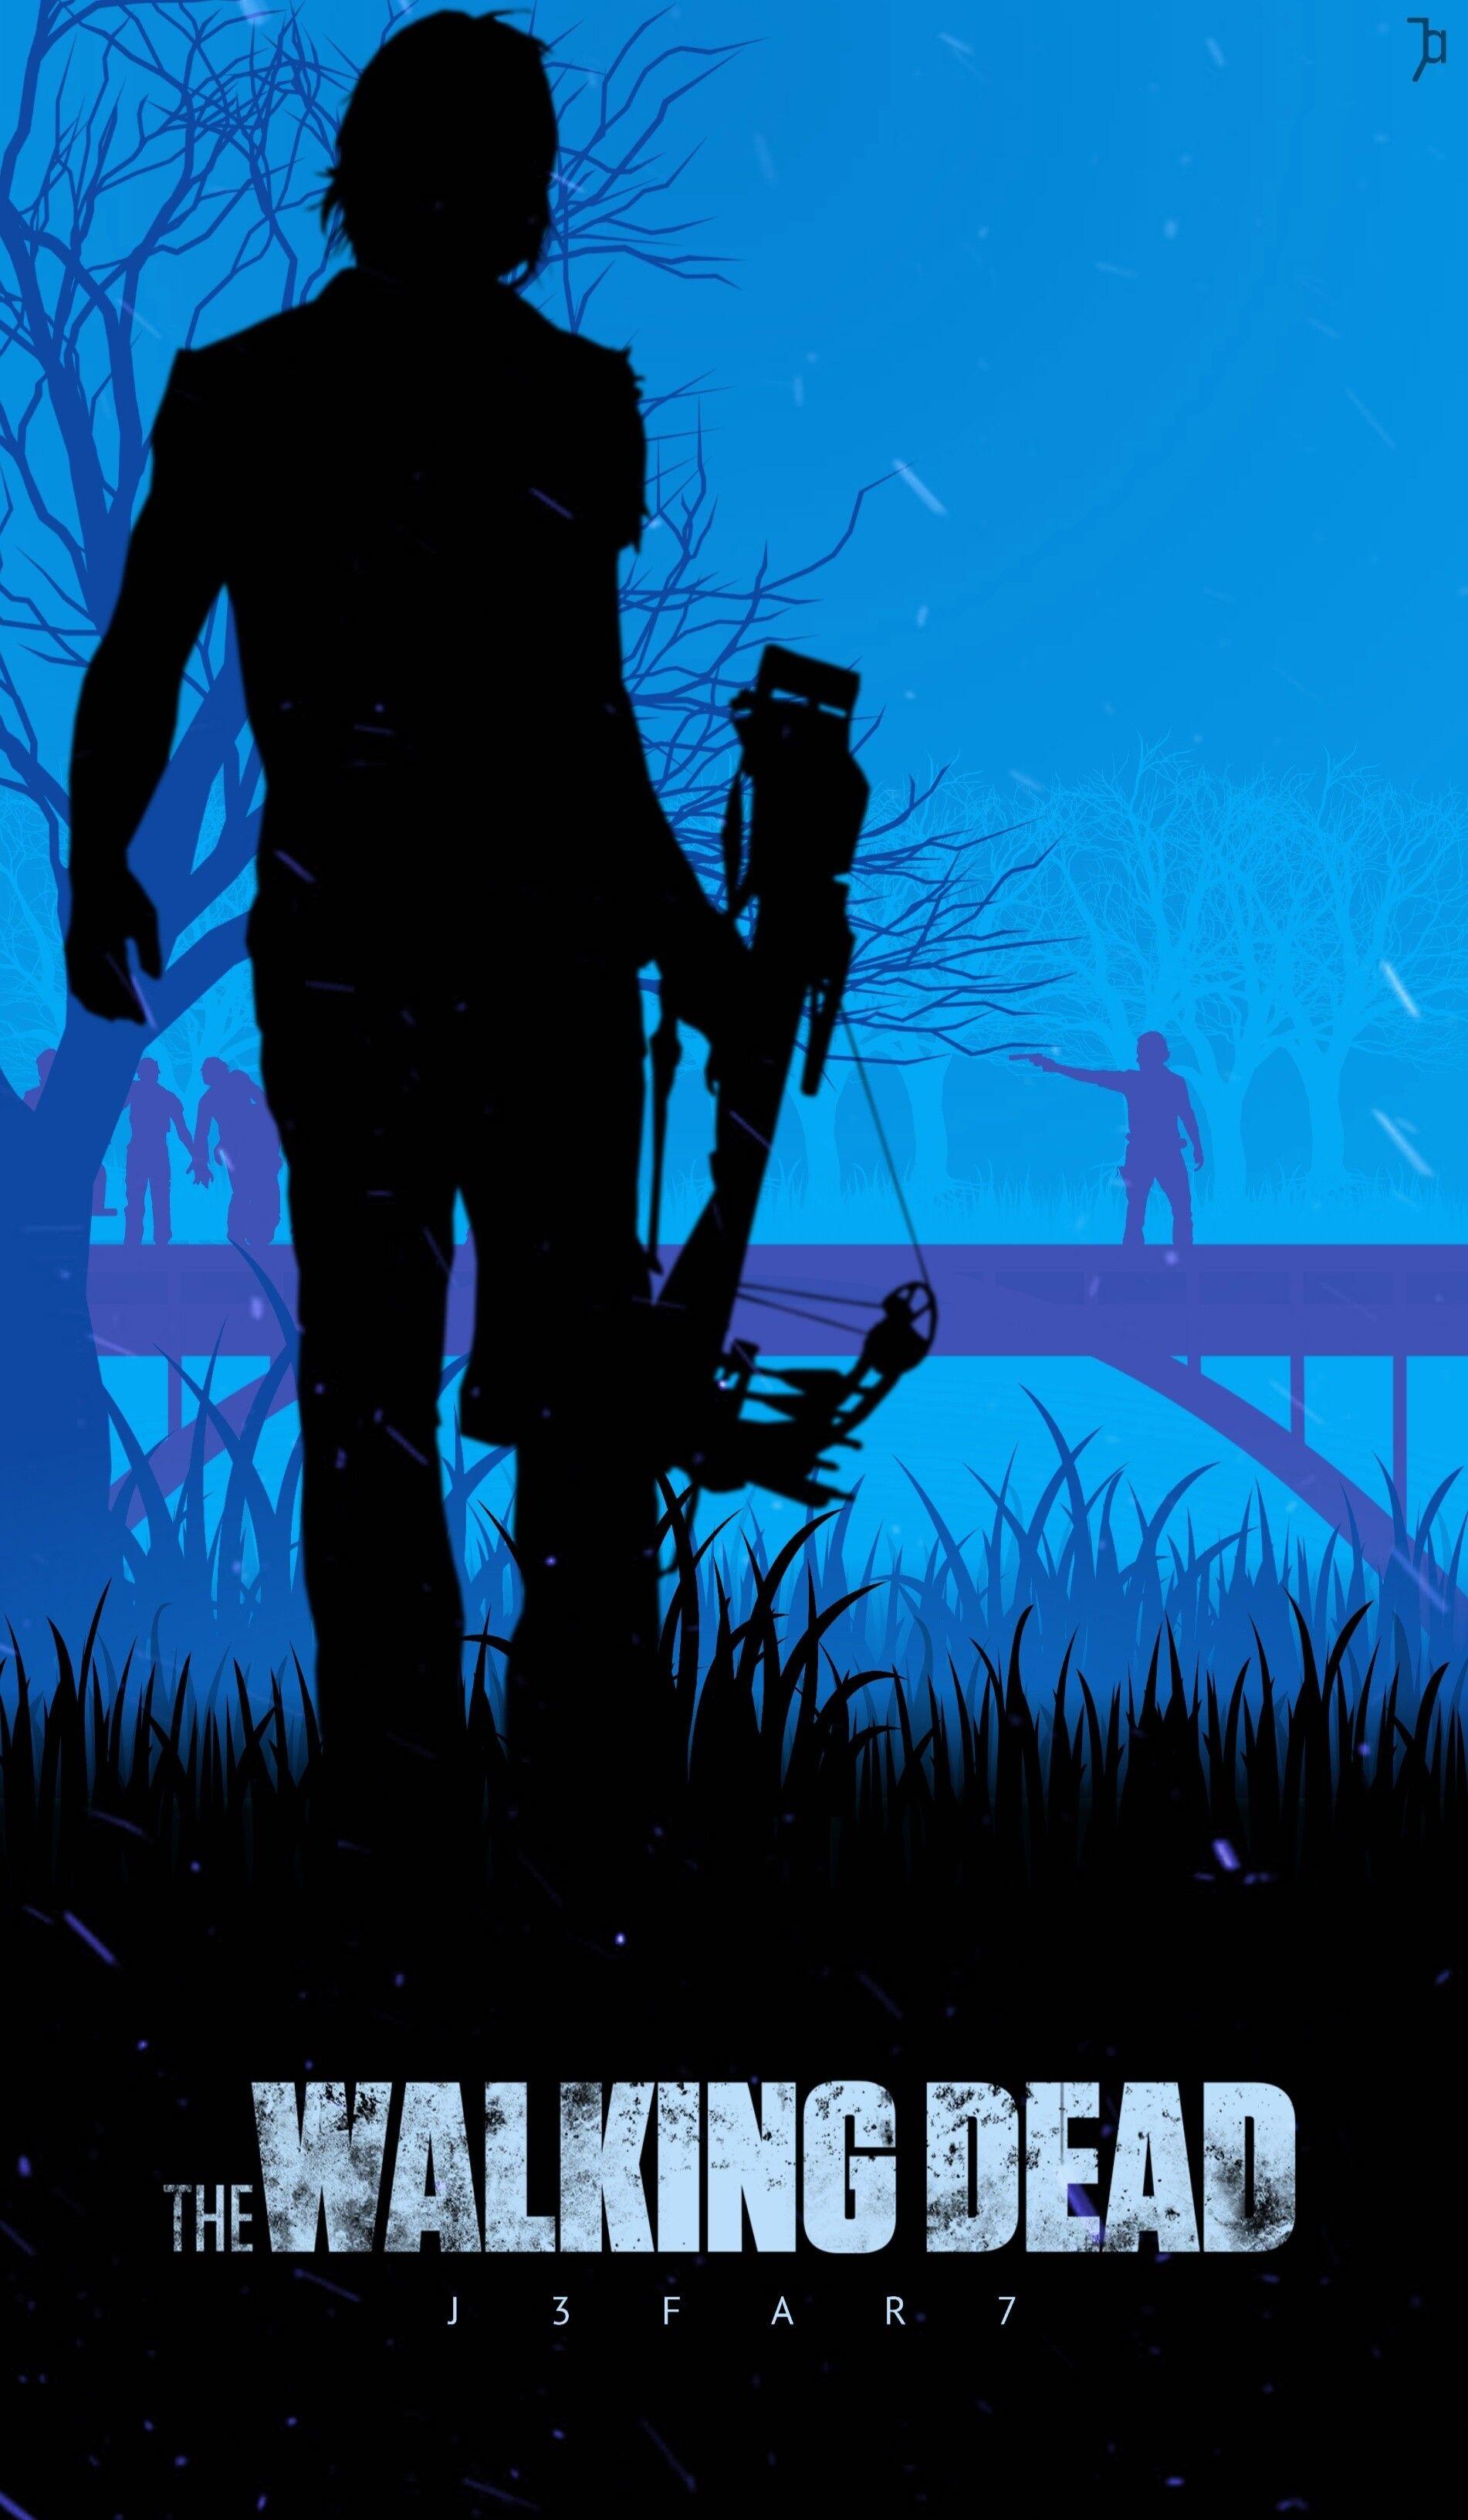 Rick S End Twd Cesar Jaffar The Walking Dead Poster Walking Dead Fan Art The Walkind Dead